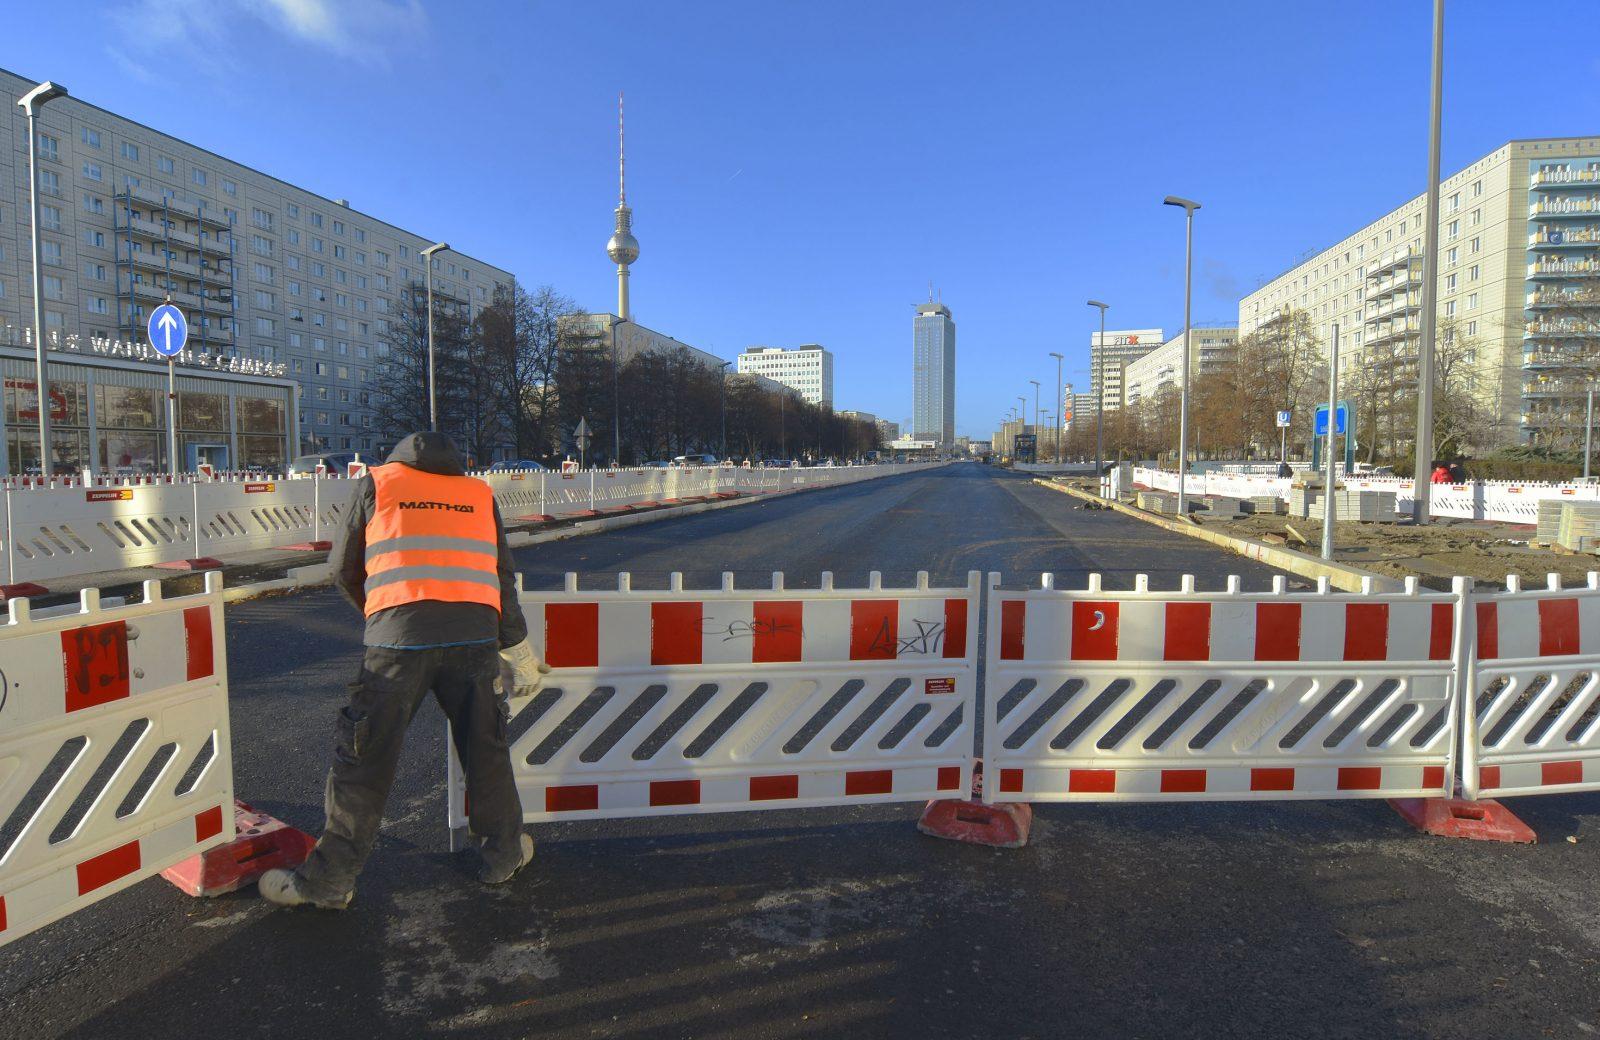 Grün statt Grau: Auf der Karl-Marx-Allee fallen künftig Parkplätze für einen Grünstreifen weg. Unsere Autorin findet das gut. Foto: imago images / PEMAX